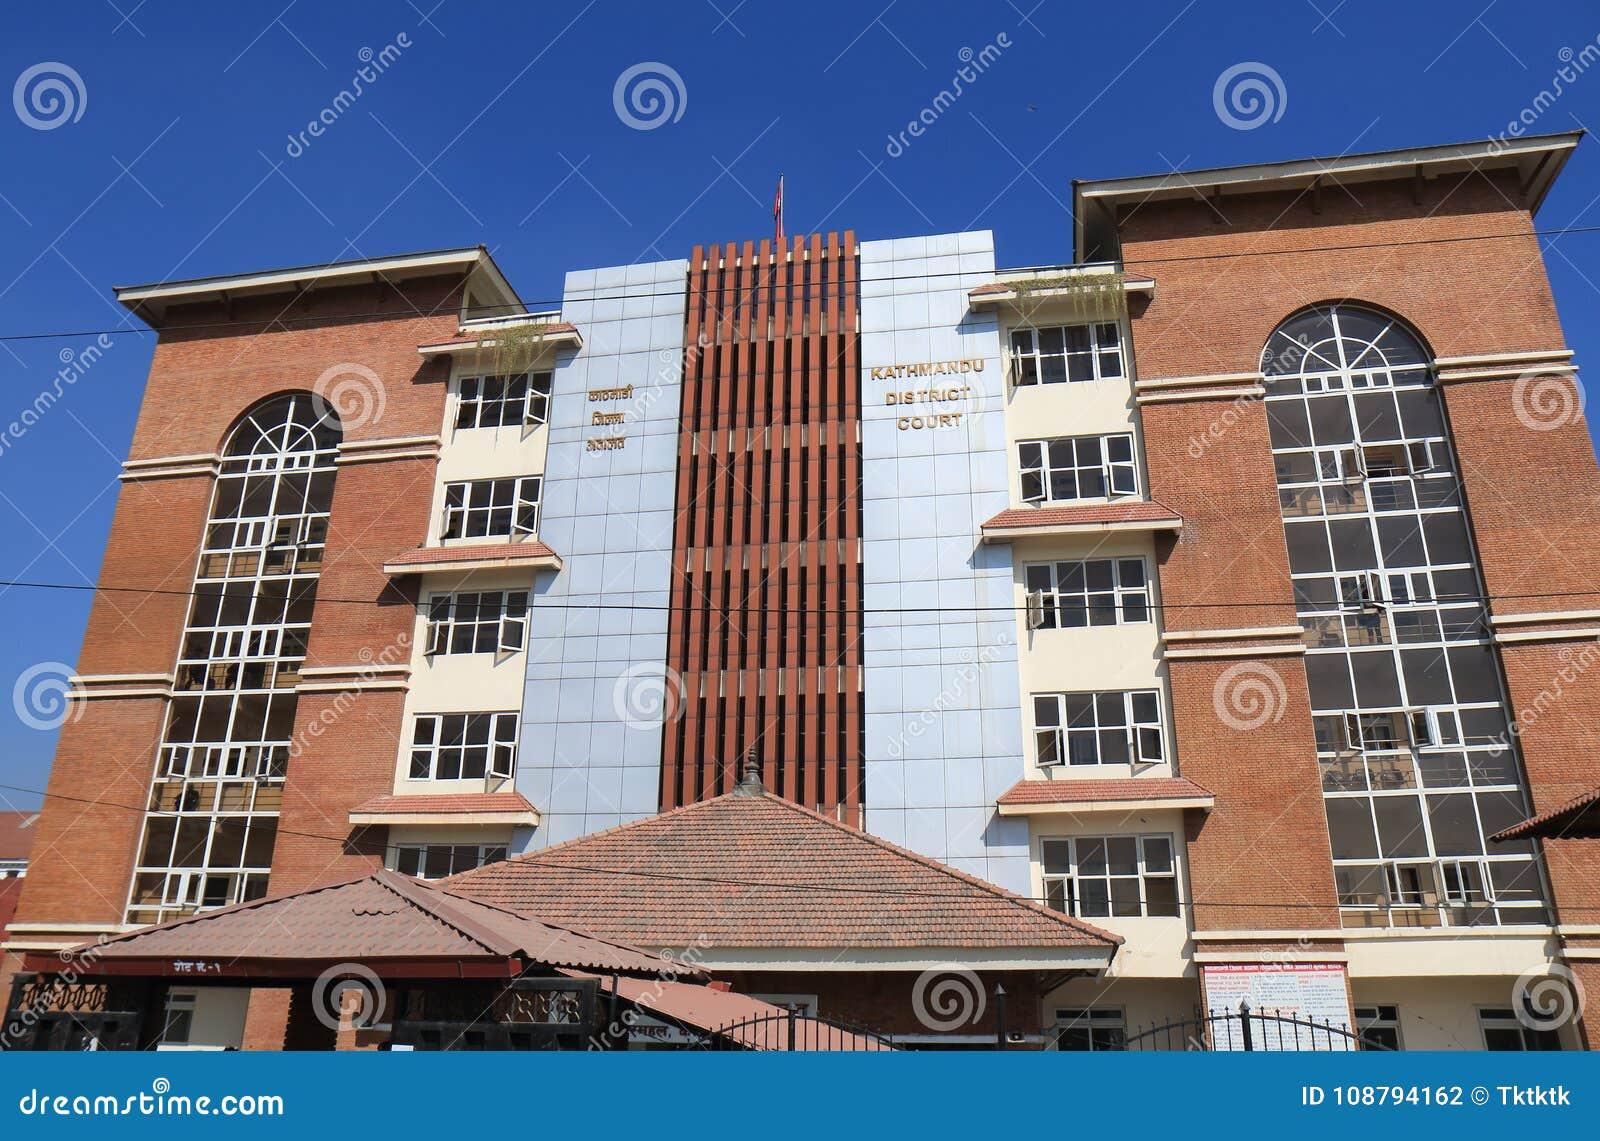 Kathmandu District Courtको लागि तस्बिर परिणाम